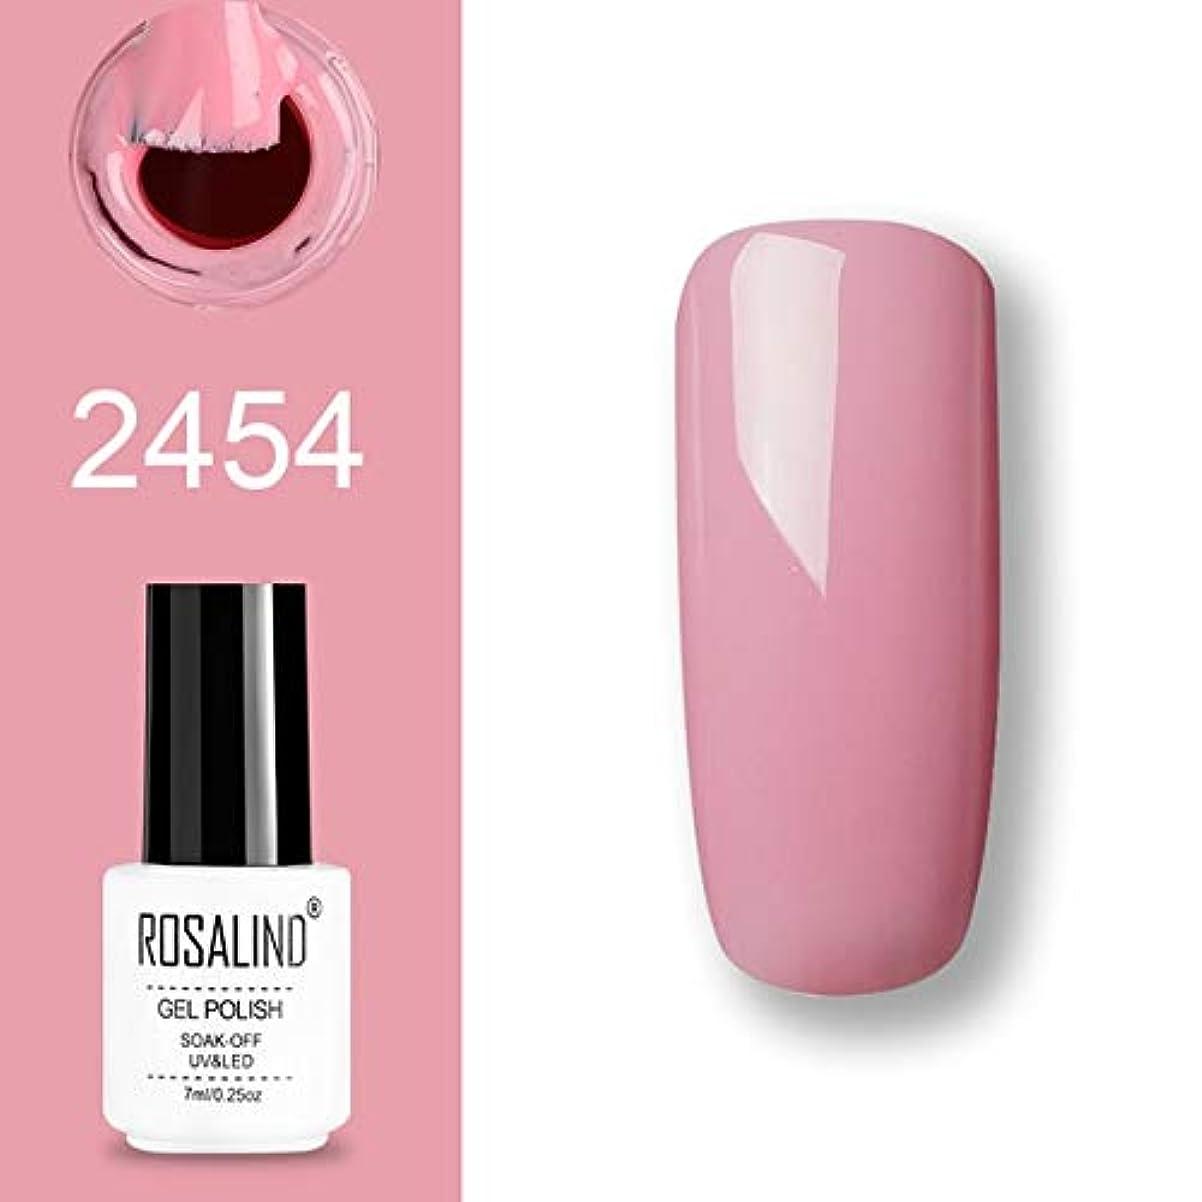 恐れるラショナルゆりかごファッションアイテム ROSALINDジェルポリッシュセットUV半永久プライマートップコートポリジェルニスネイルアートマニキュアジェル、ピンク、容量:7ml 2454。 環境に優しいマニキュア